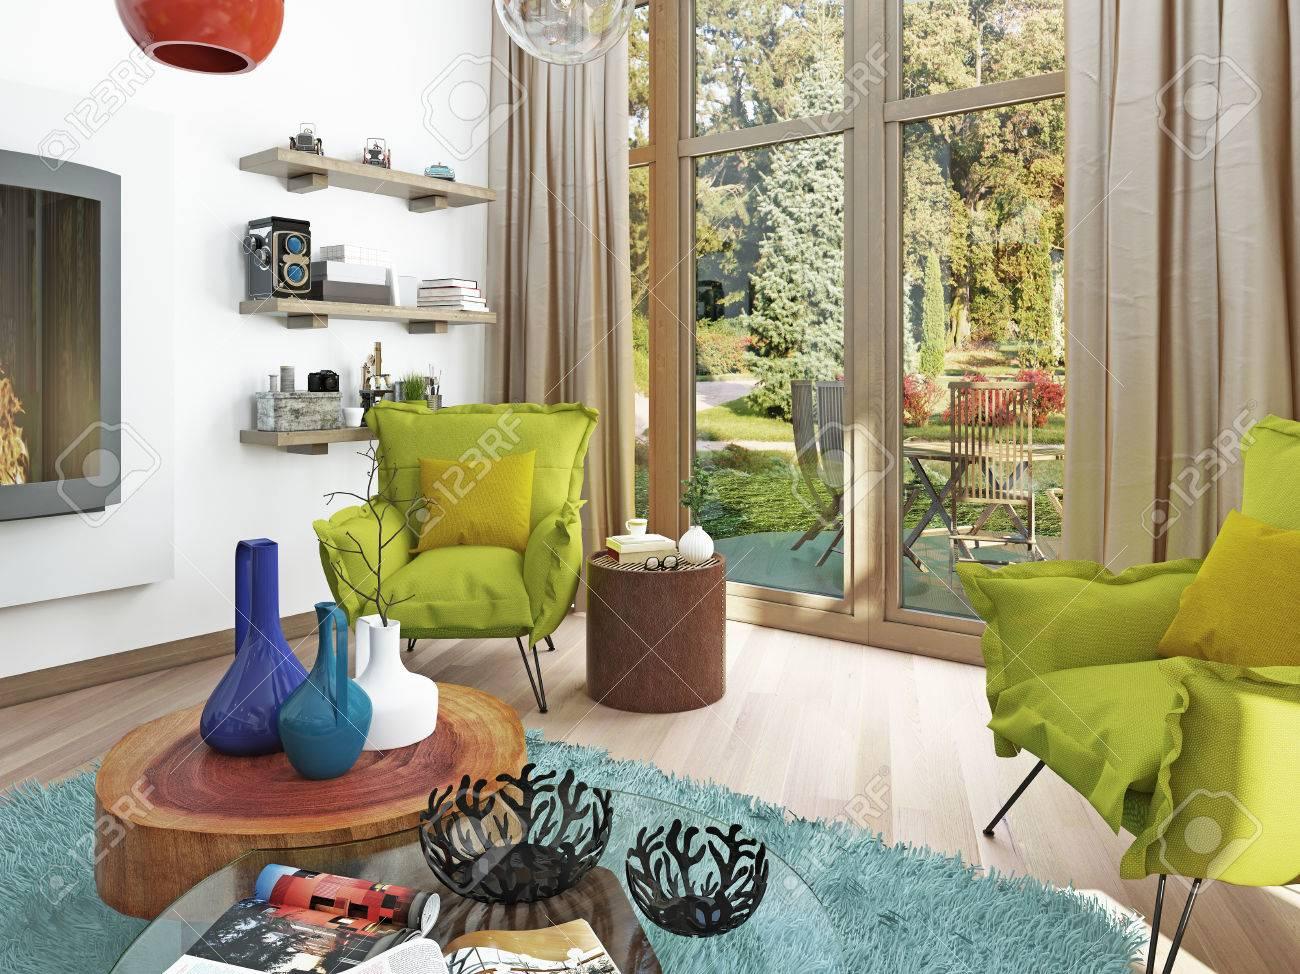 Exquisit Moderne Sitzecke Dekoration Von Wohnzimmer Mit Mit Zwei Stühlen. Bequeme Stühle